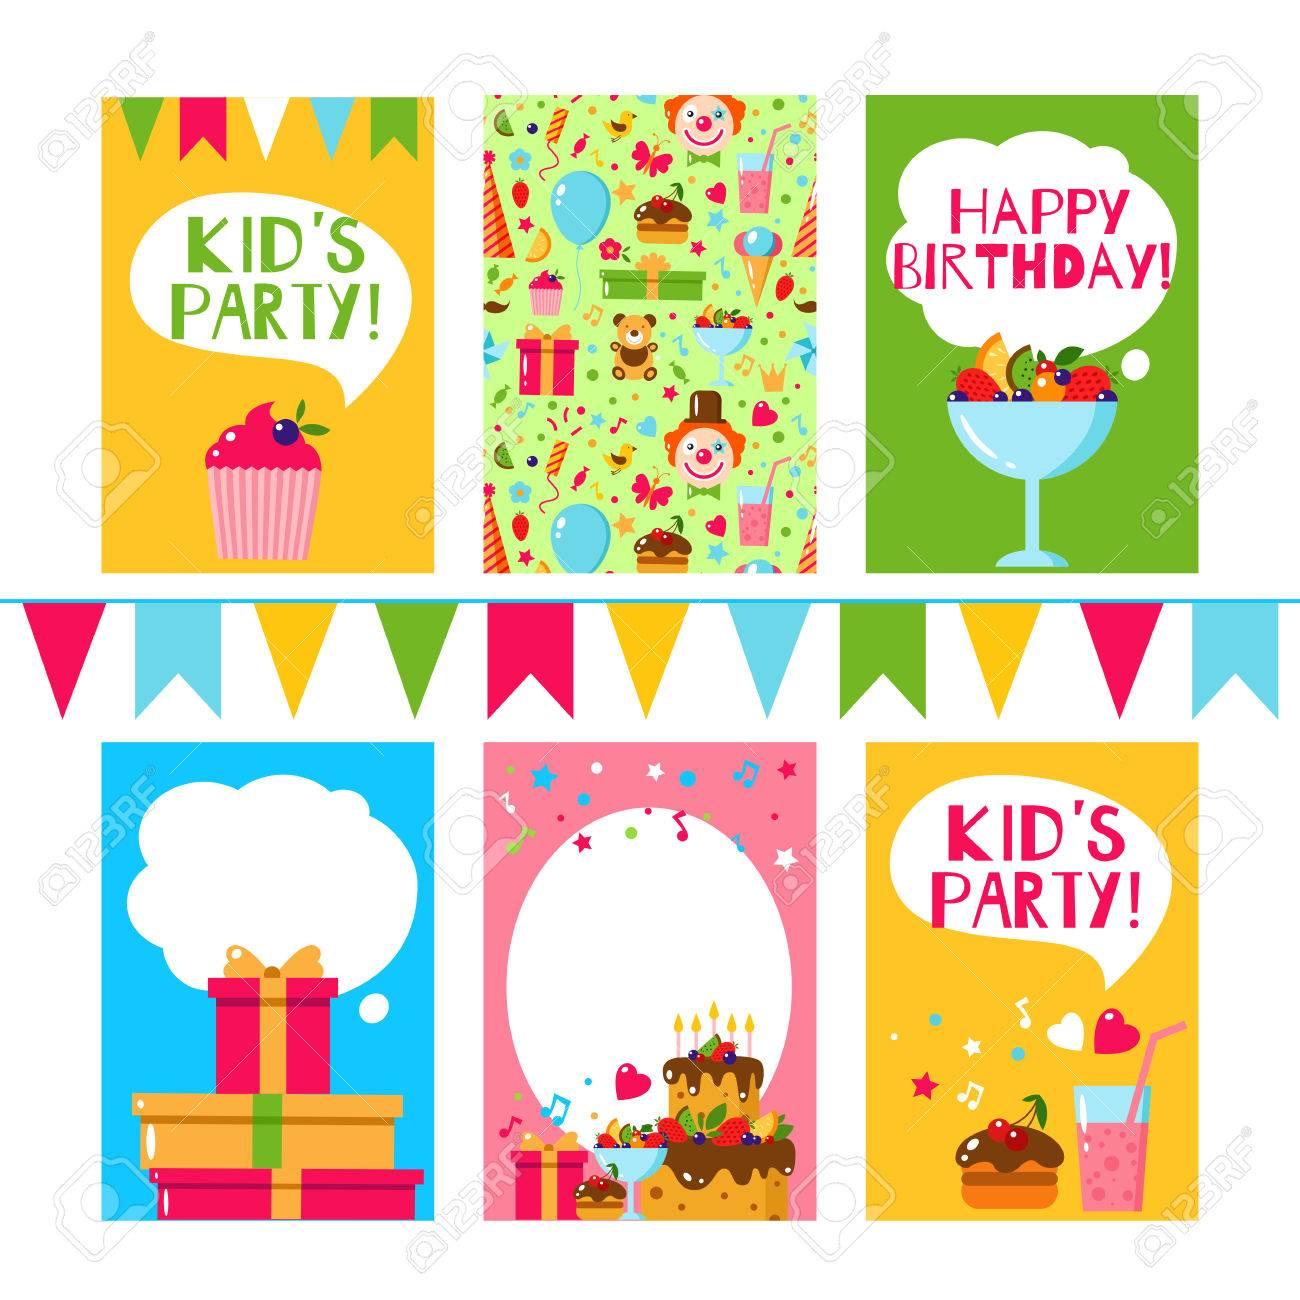 Feliz Cumpleaños Tarjeta De Invitación Invitación Plana De Los Niños Del Vector Fiesta De Los Niños Y Los Niños Del Cumpleaños Invitación Torta